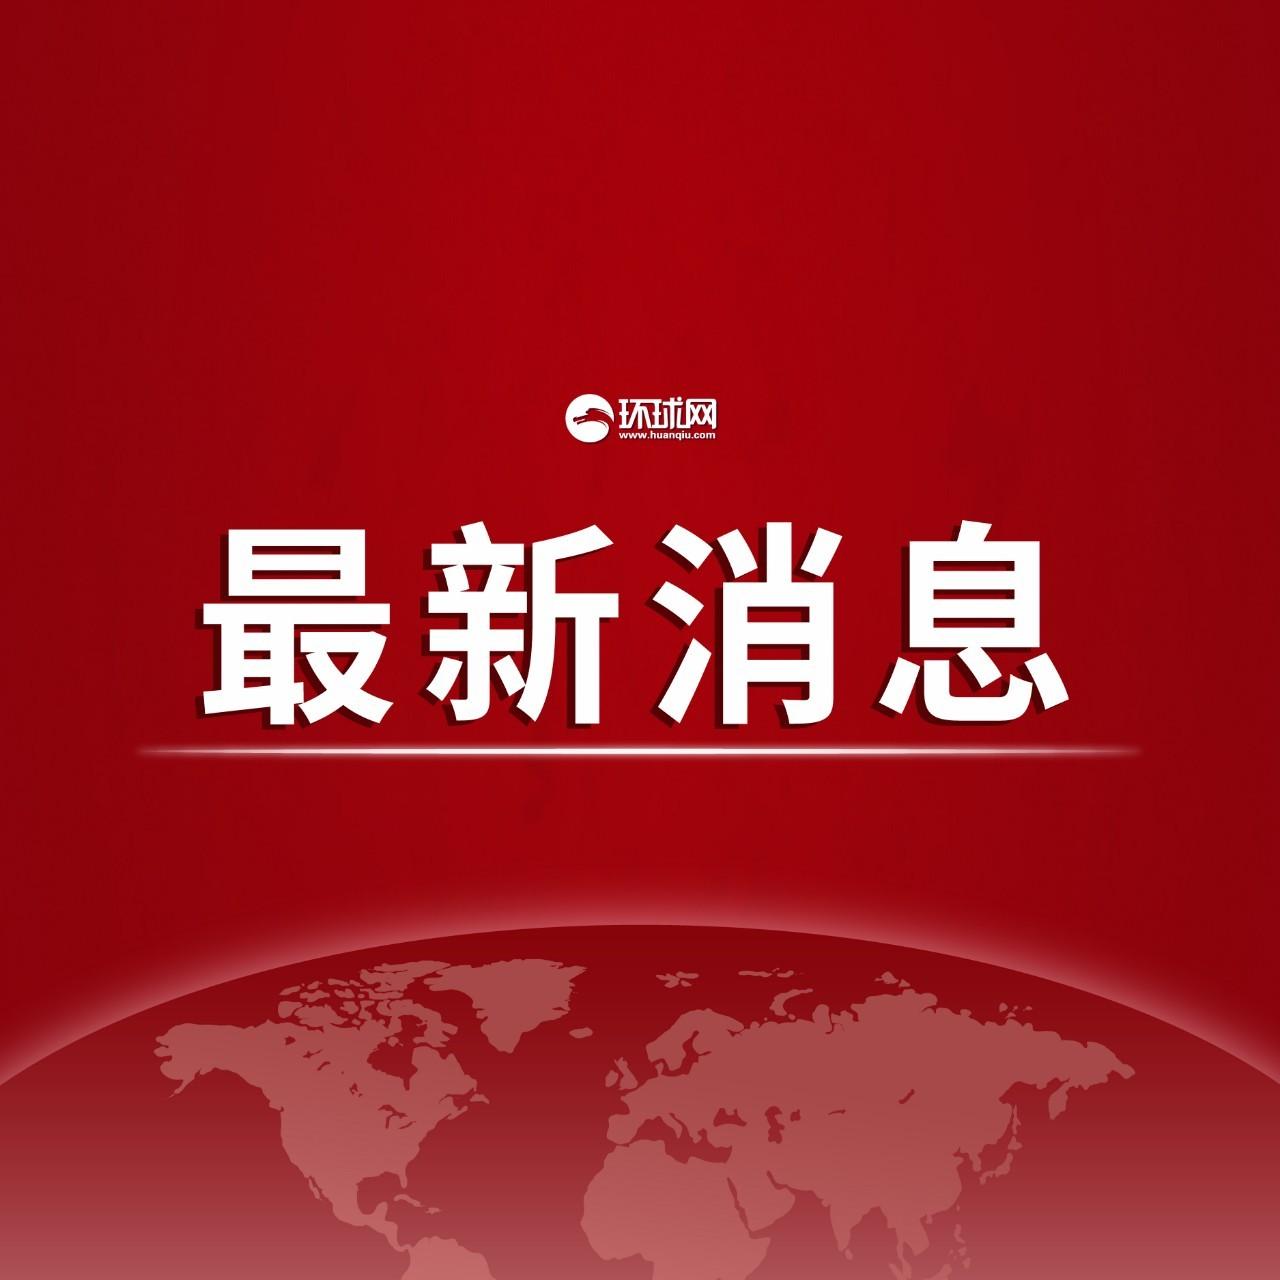 北京卫健委通报鼠疫患者情况。